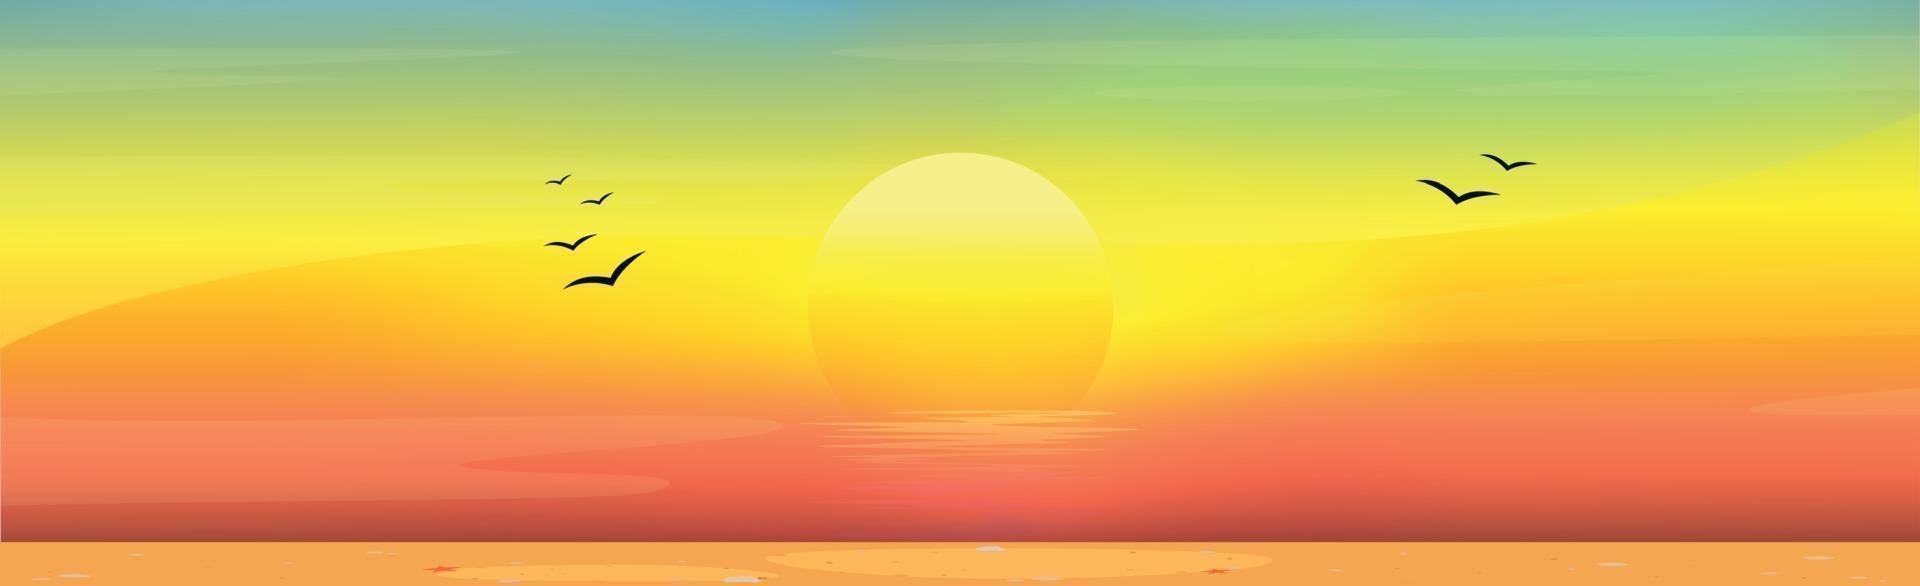 illustration d & # 39; une plage de sable ensoleillée au coucher du soleil vecteur